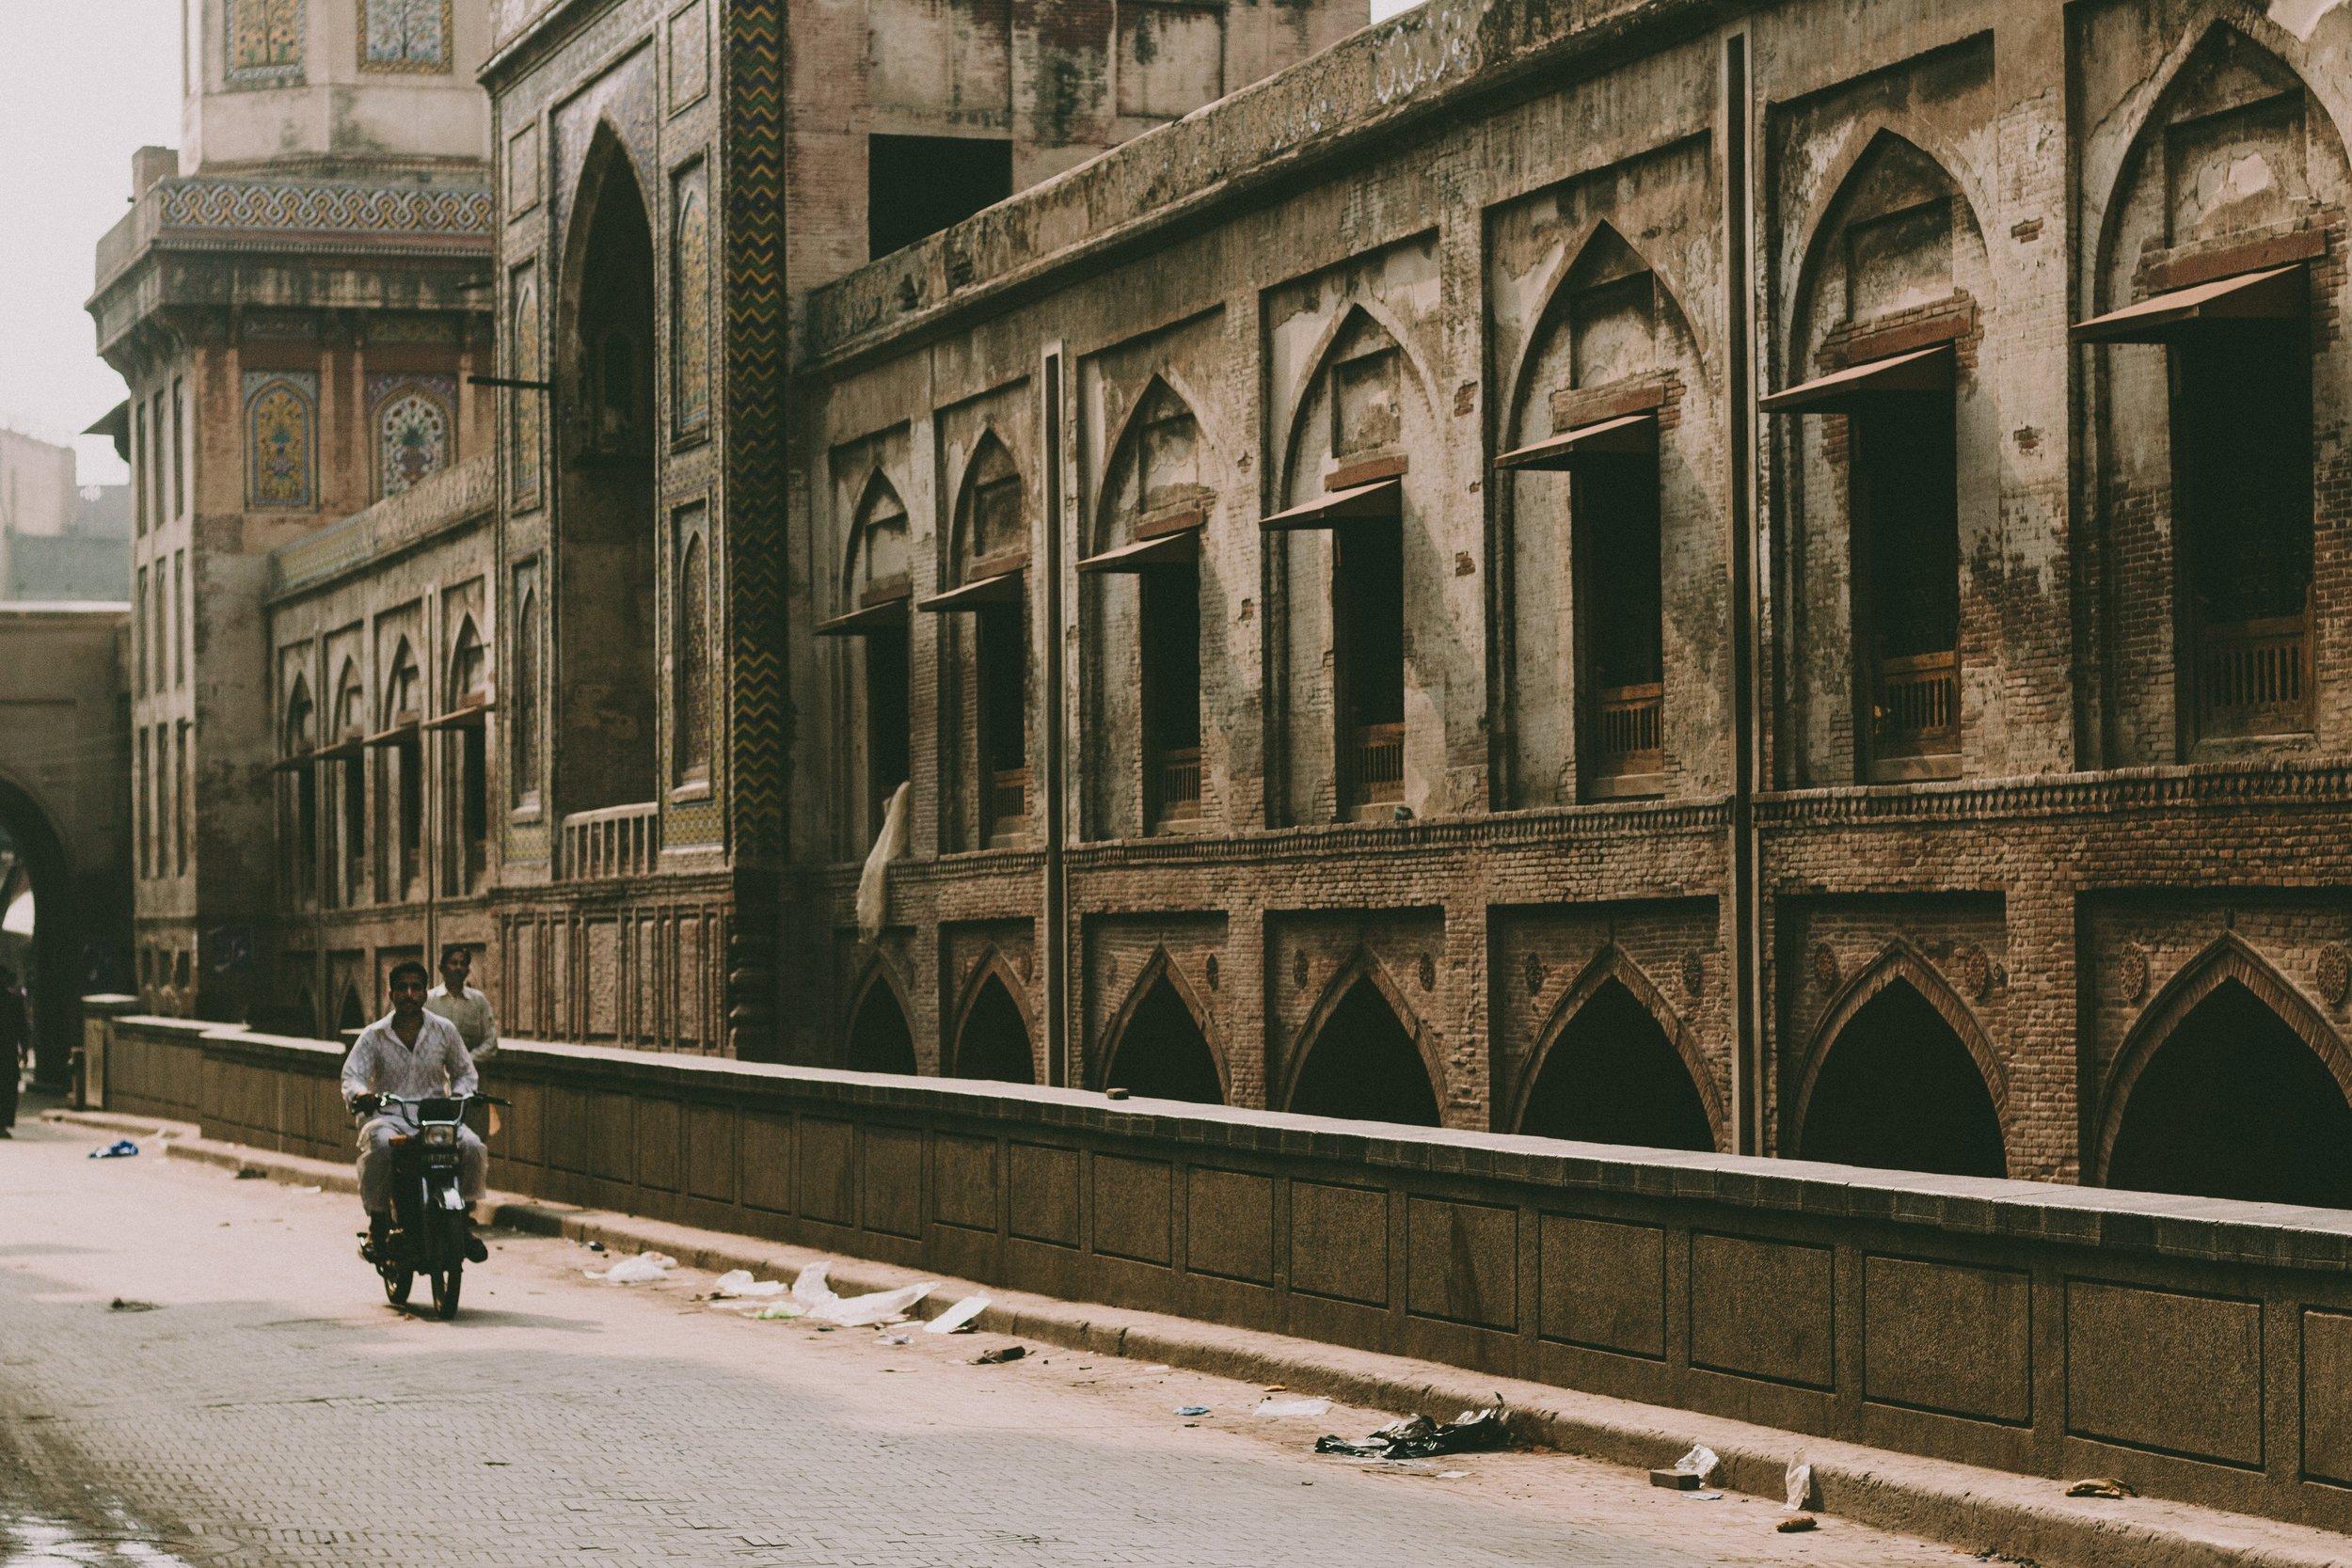 Photo 105 - Man on Motorcycle in Lahore.jpg